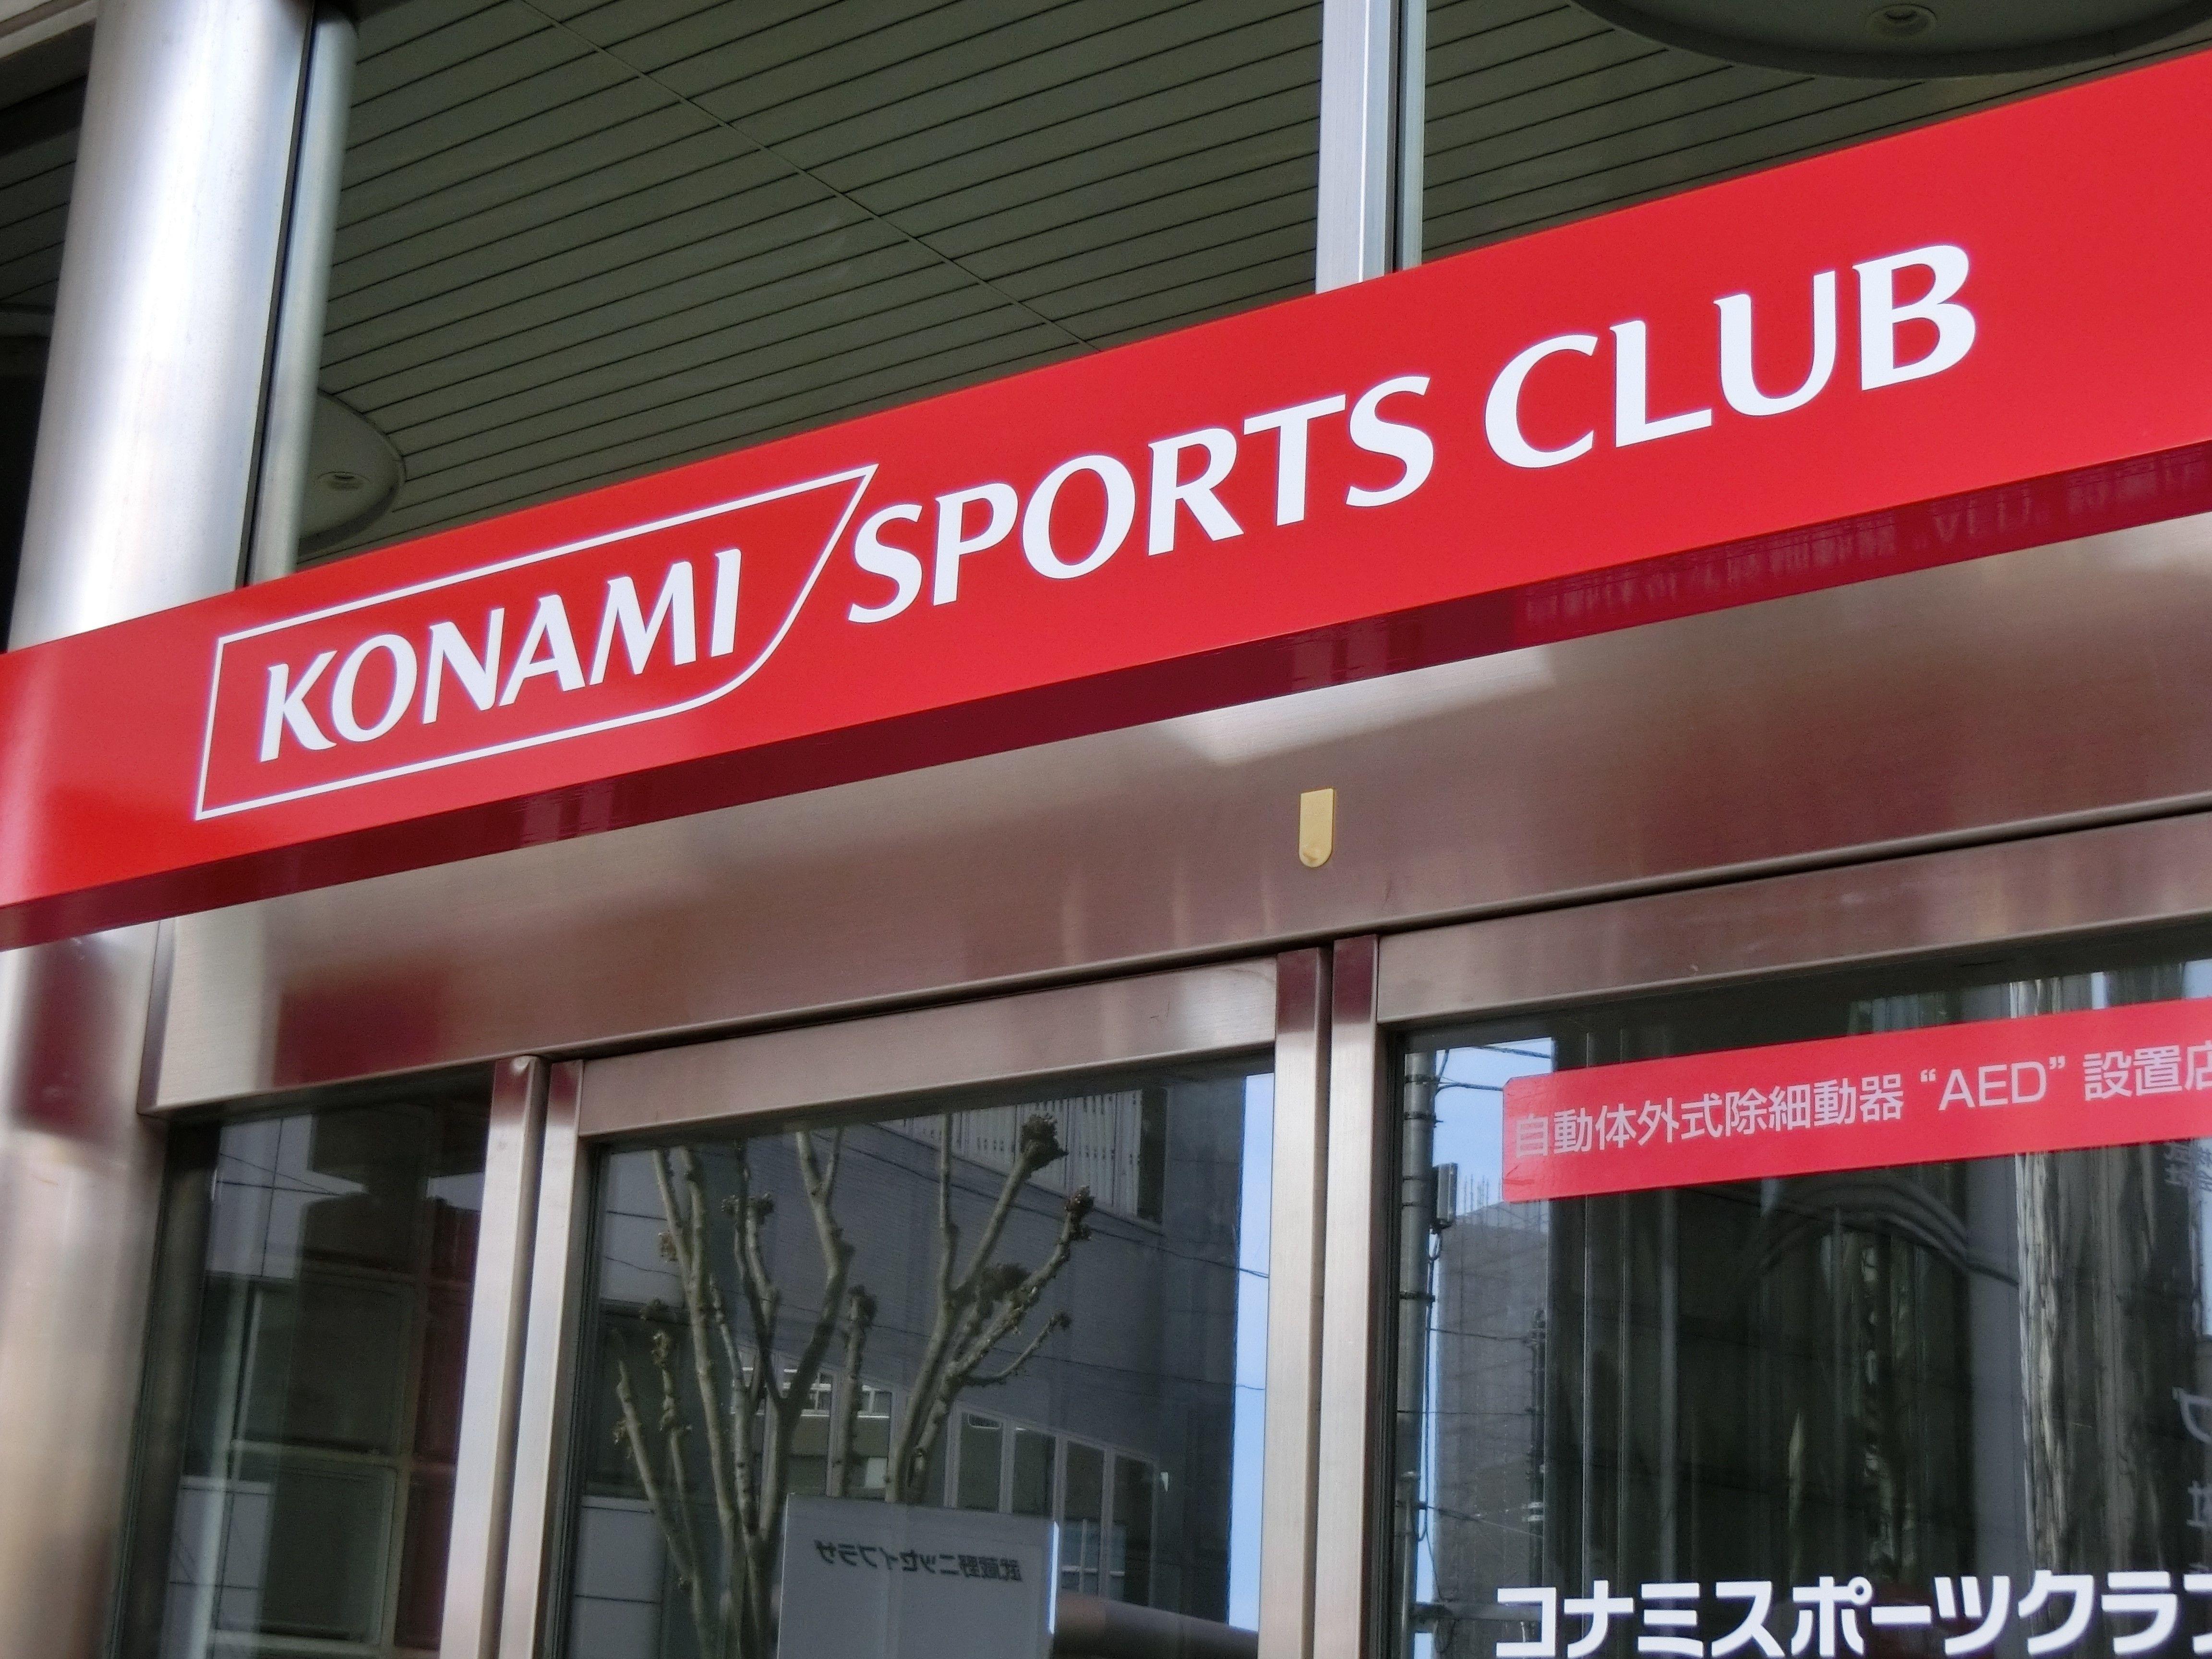 【新型コロナ】スポーツクラブ、3月後半の対応が出そろう メガロスが「臨時休業」延長